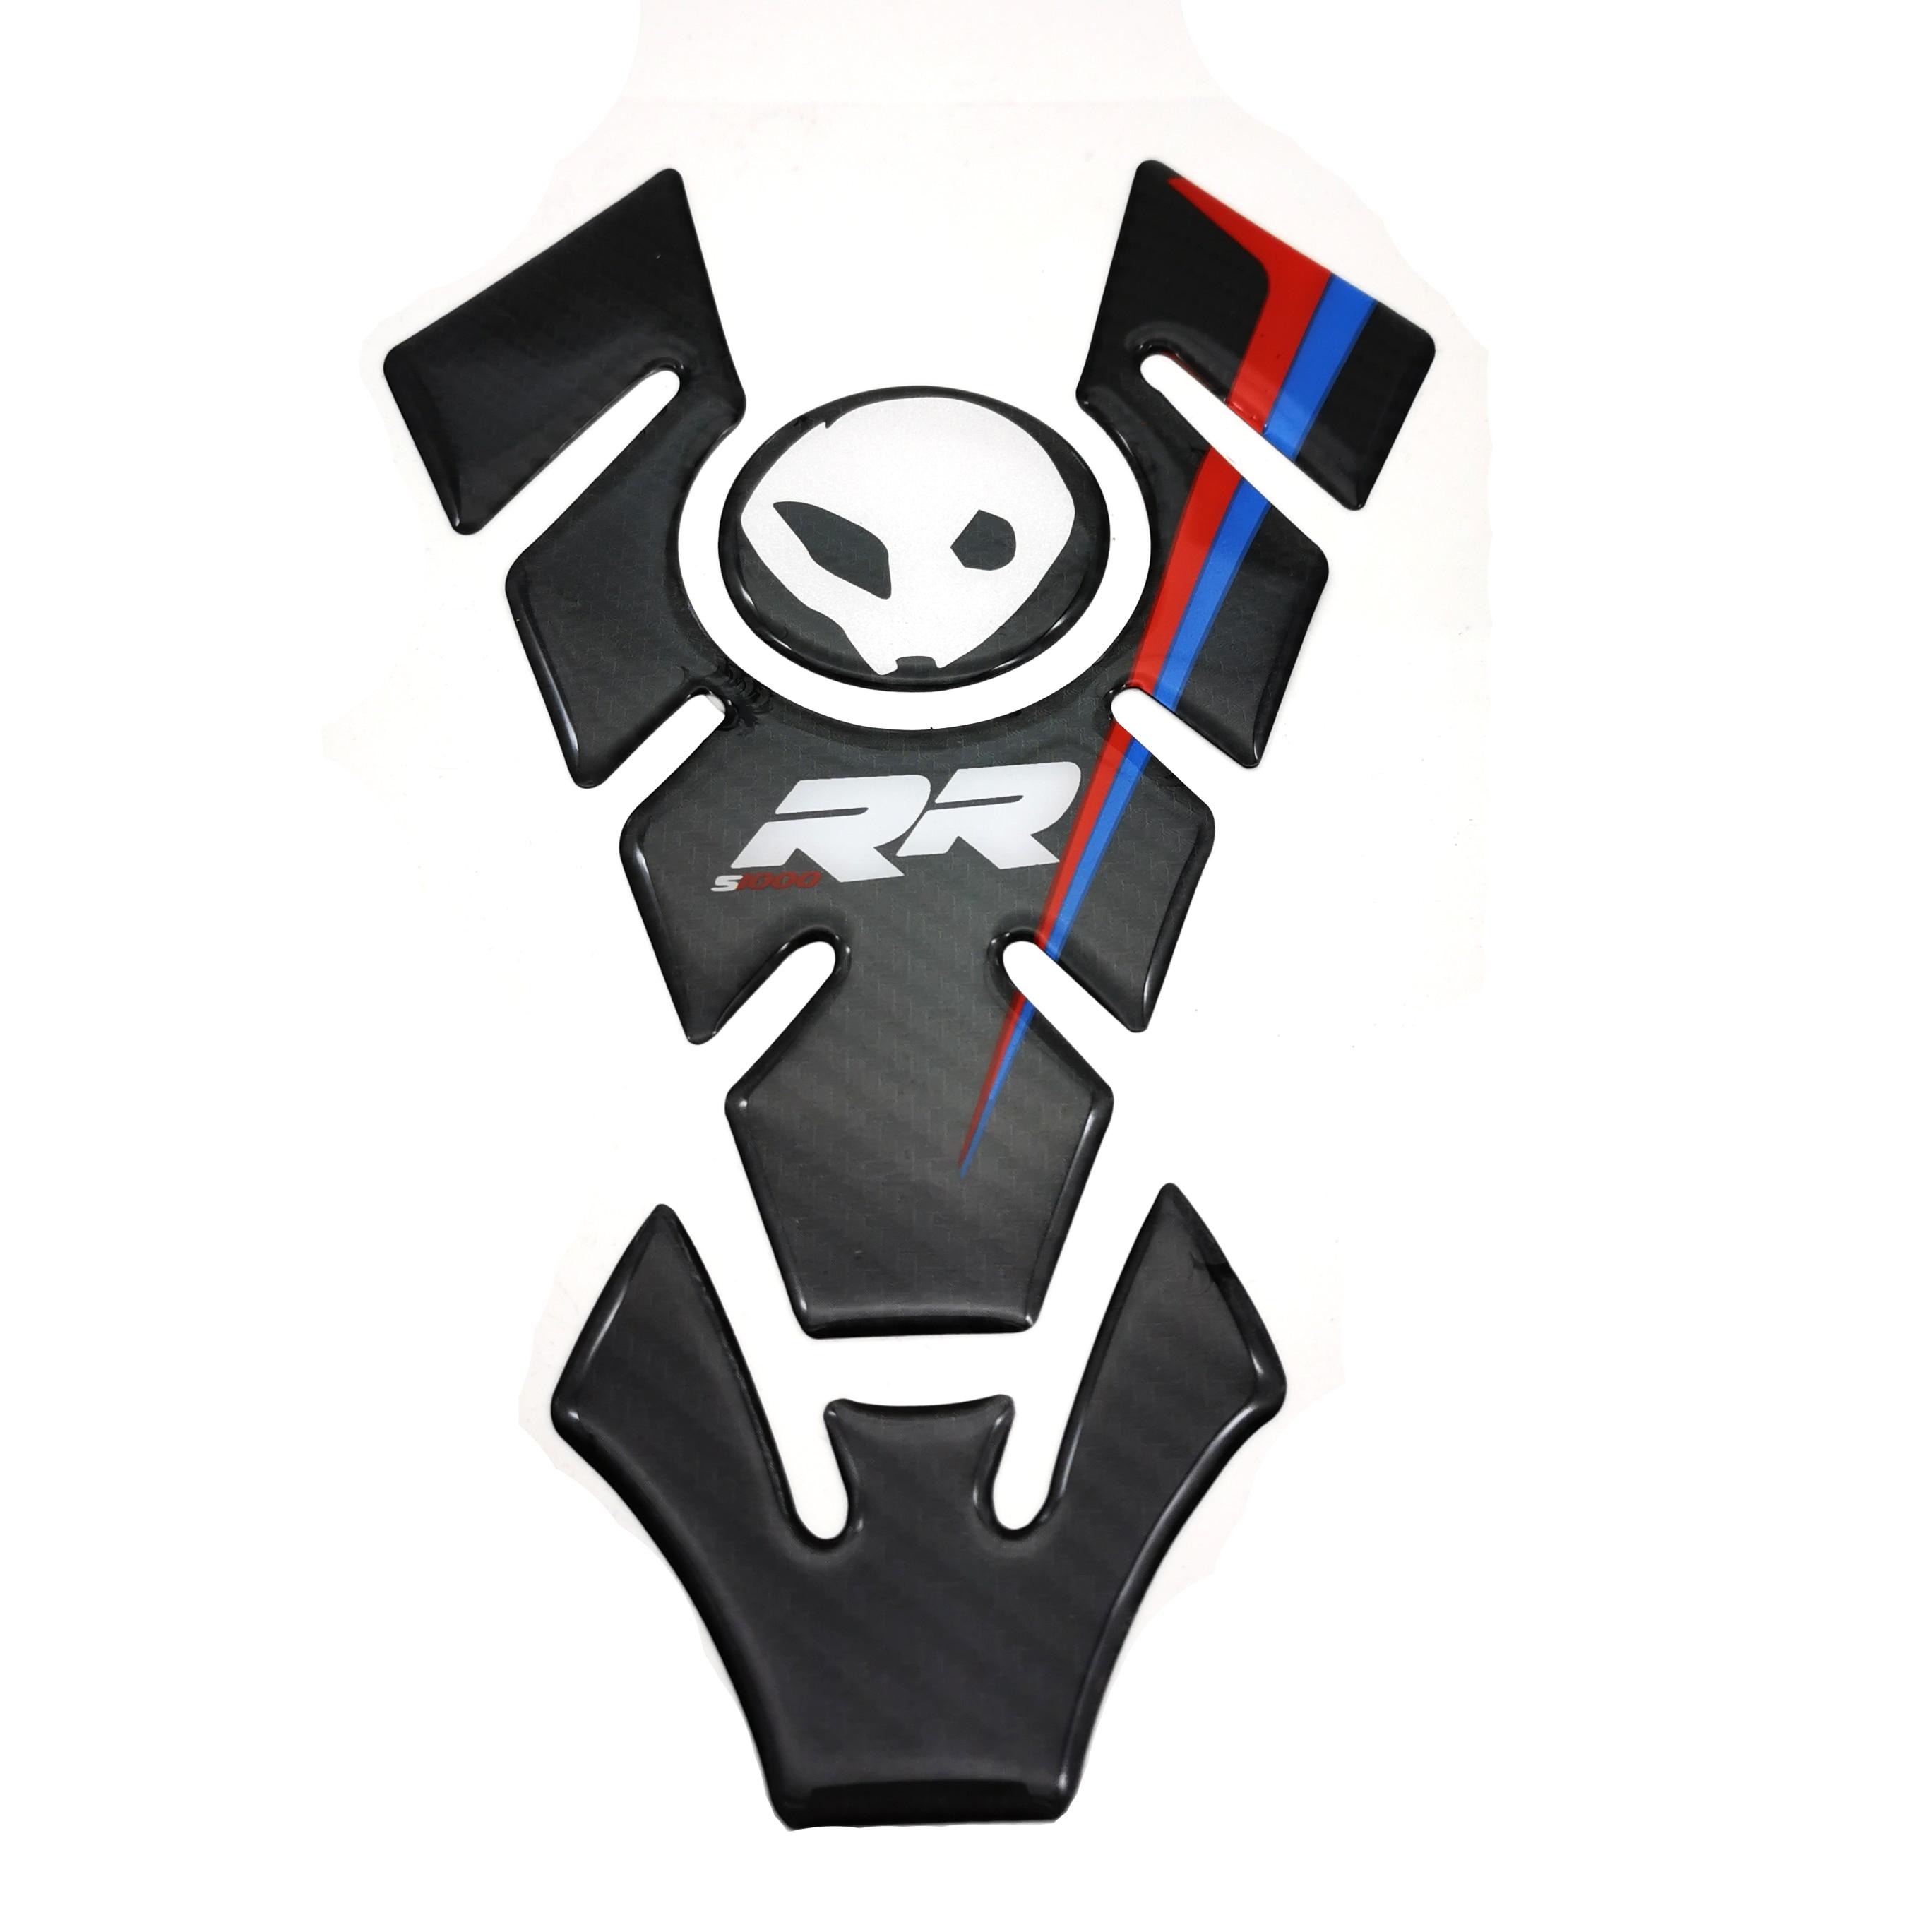 Pegatina de fibra de carbono auténtica para motocicleta, pegatina con emblema de protección para tanque, pegatina para BMW S1000RR S1000R S1000 RR HP4